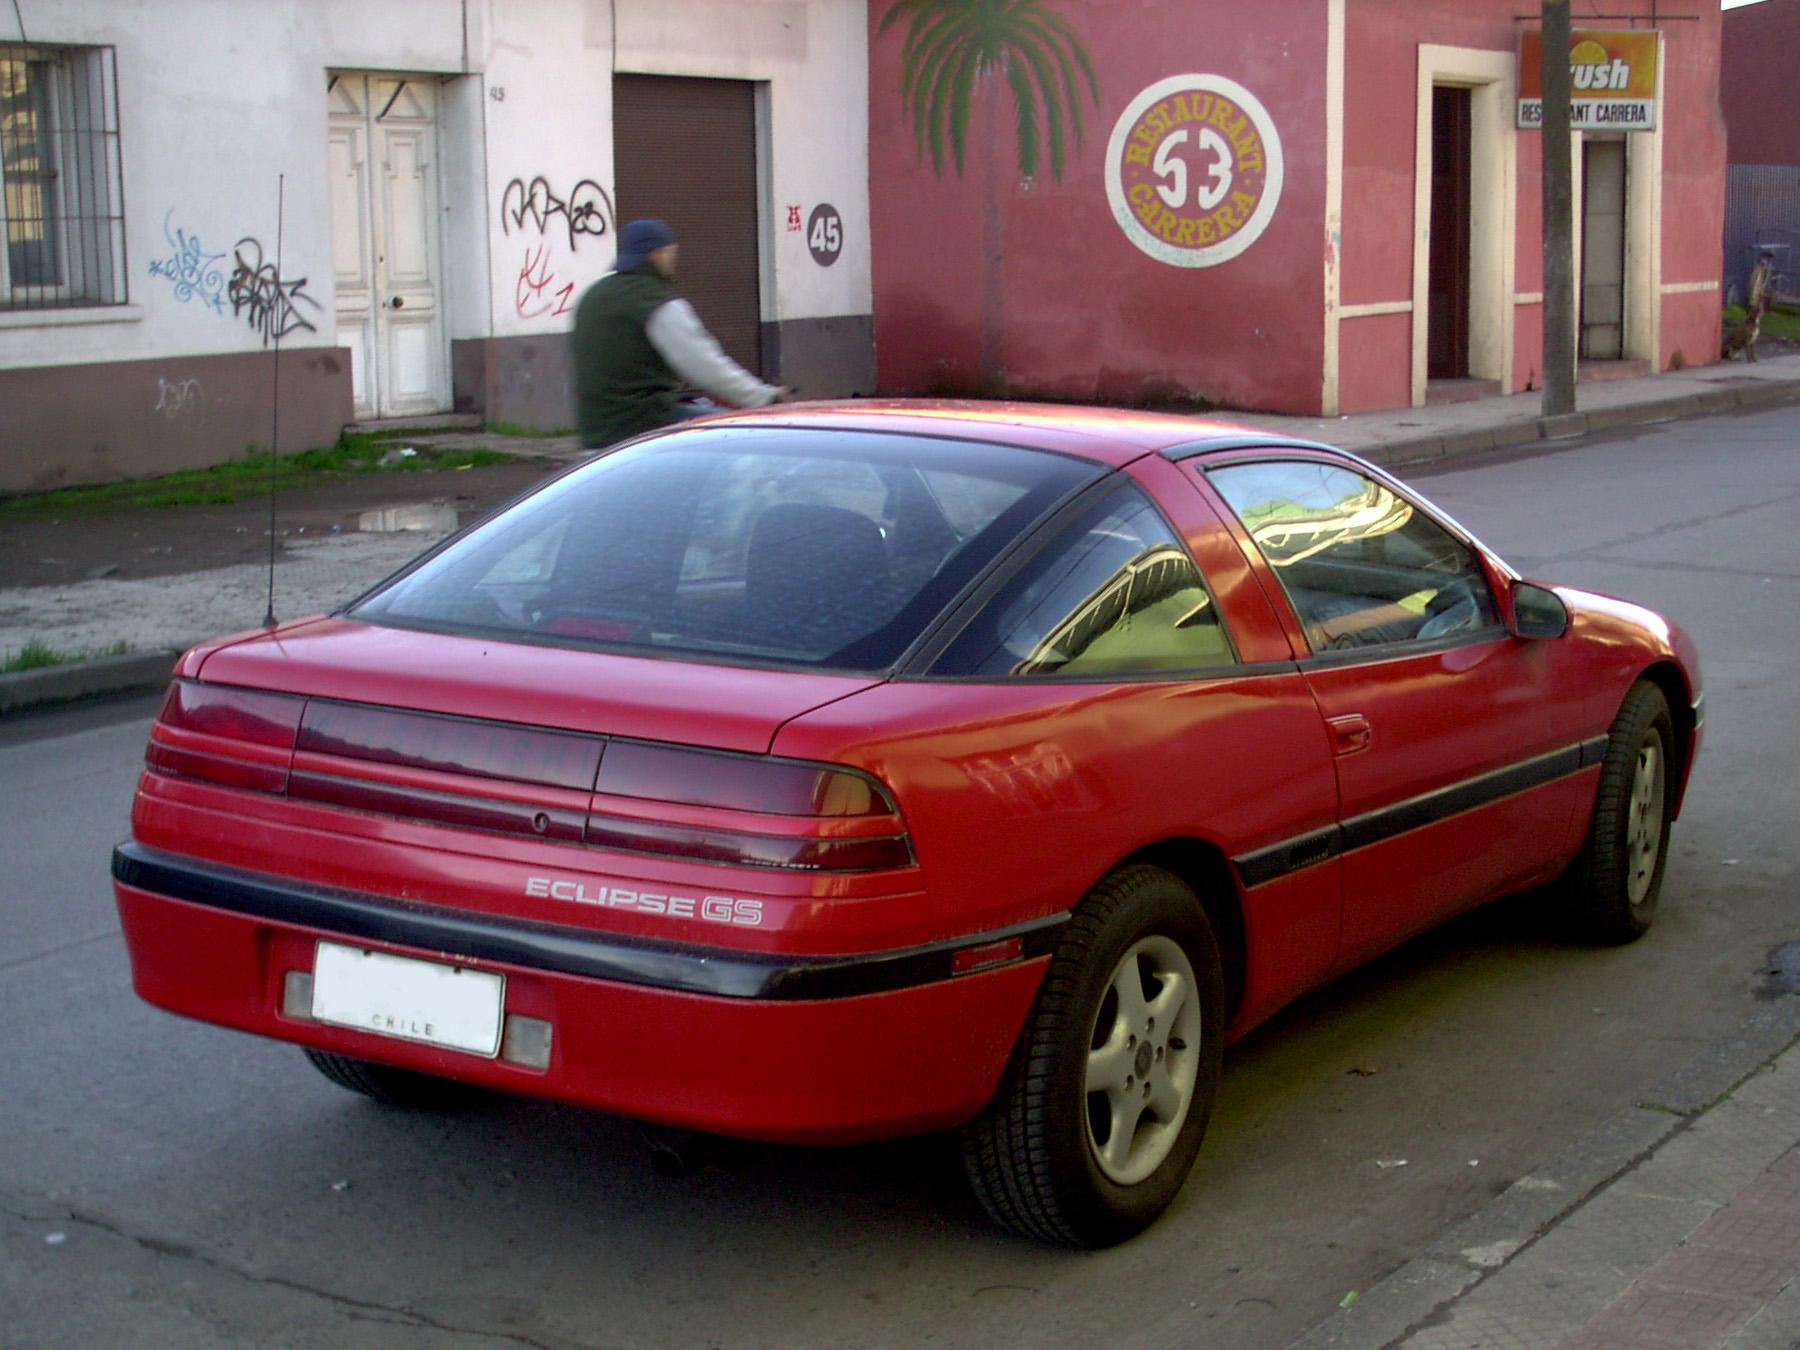 FileMitsubishi Eclipse 20 GS 1992 15260016036